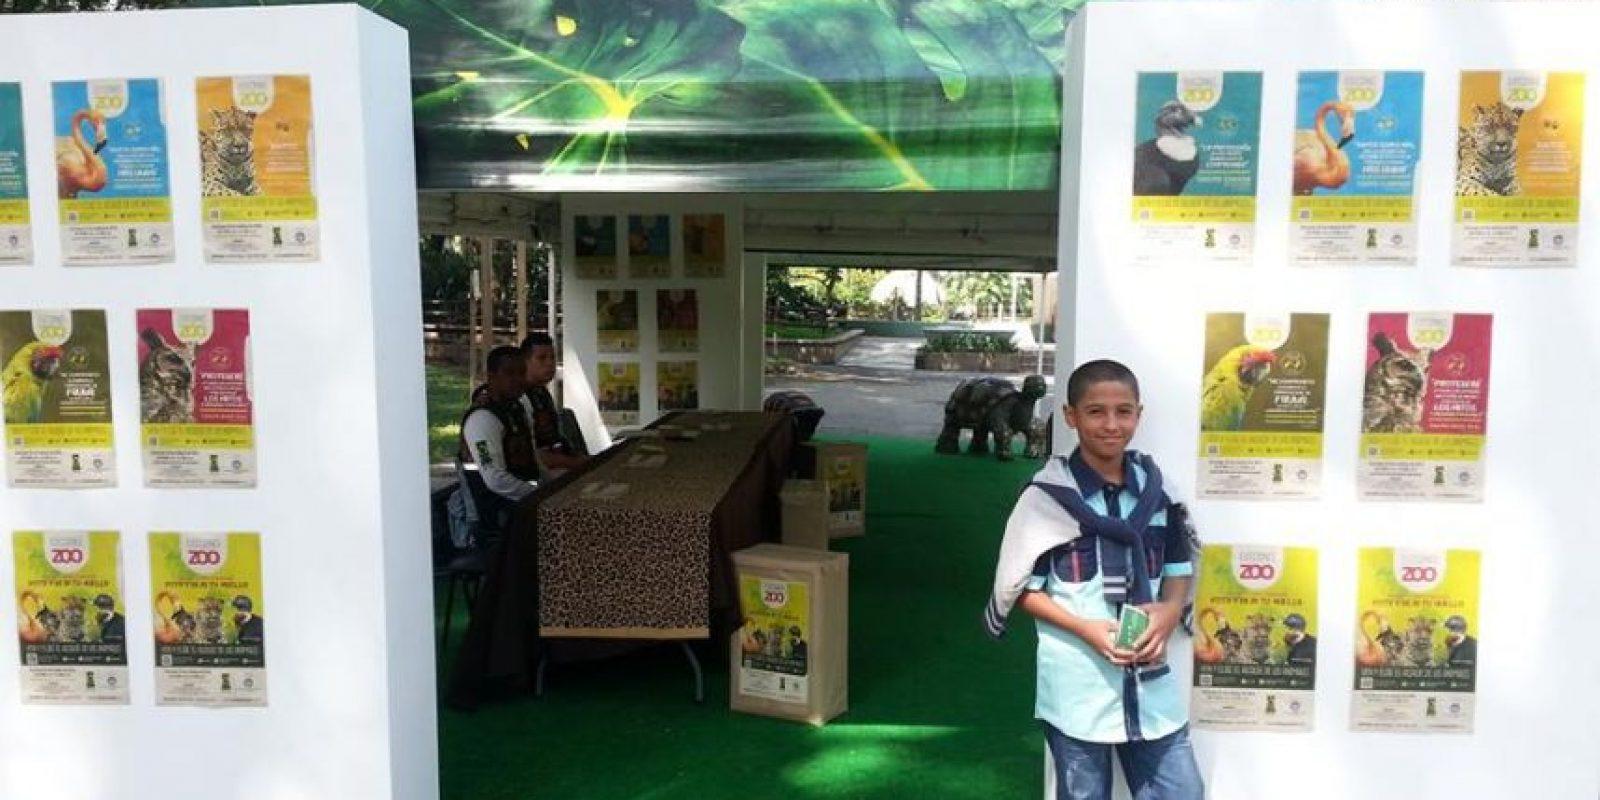 Primeros votantes en las elecciones del Zoológico Santa fe de Medellín. Foto:Tomada Facebook Zoológico Santa Fe Medellin